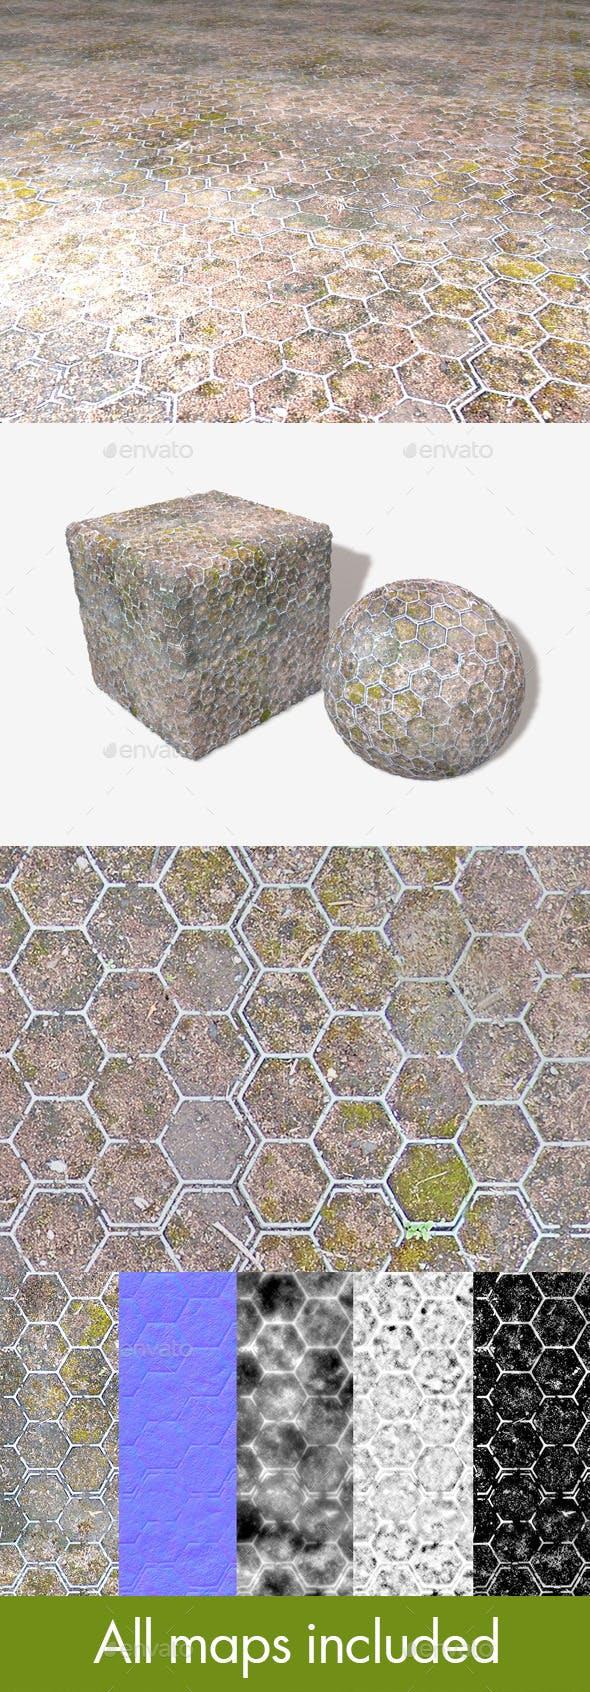 Moss Hexagons Seamless Texture - 3DOcean Item for Sale